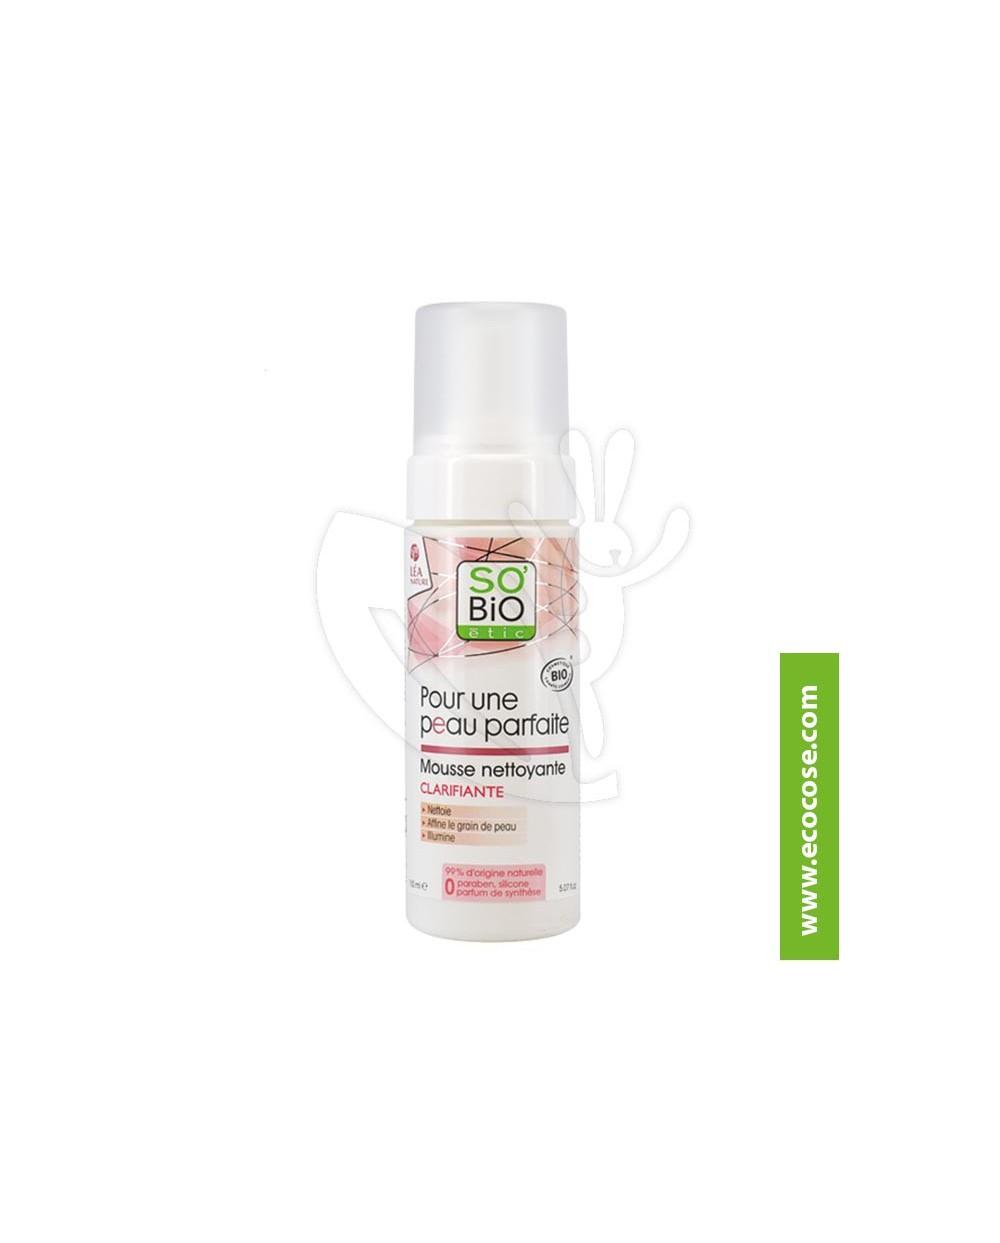 So' Bio Étic - Pelle Perfetta - Mousse detergente